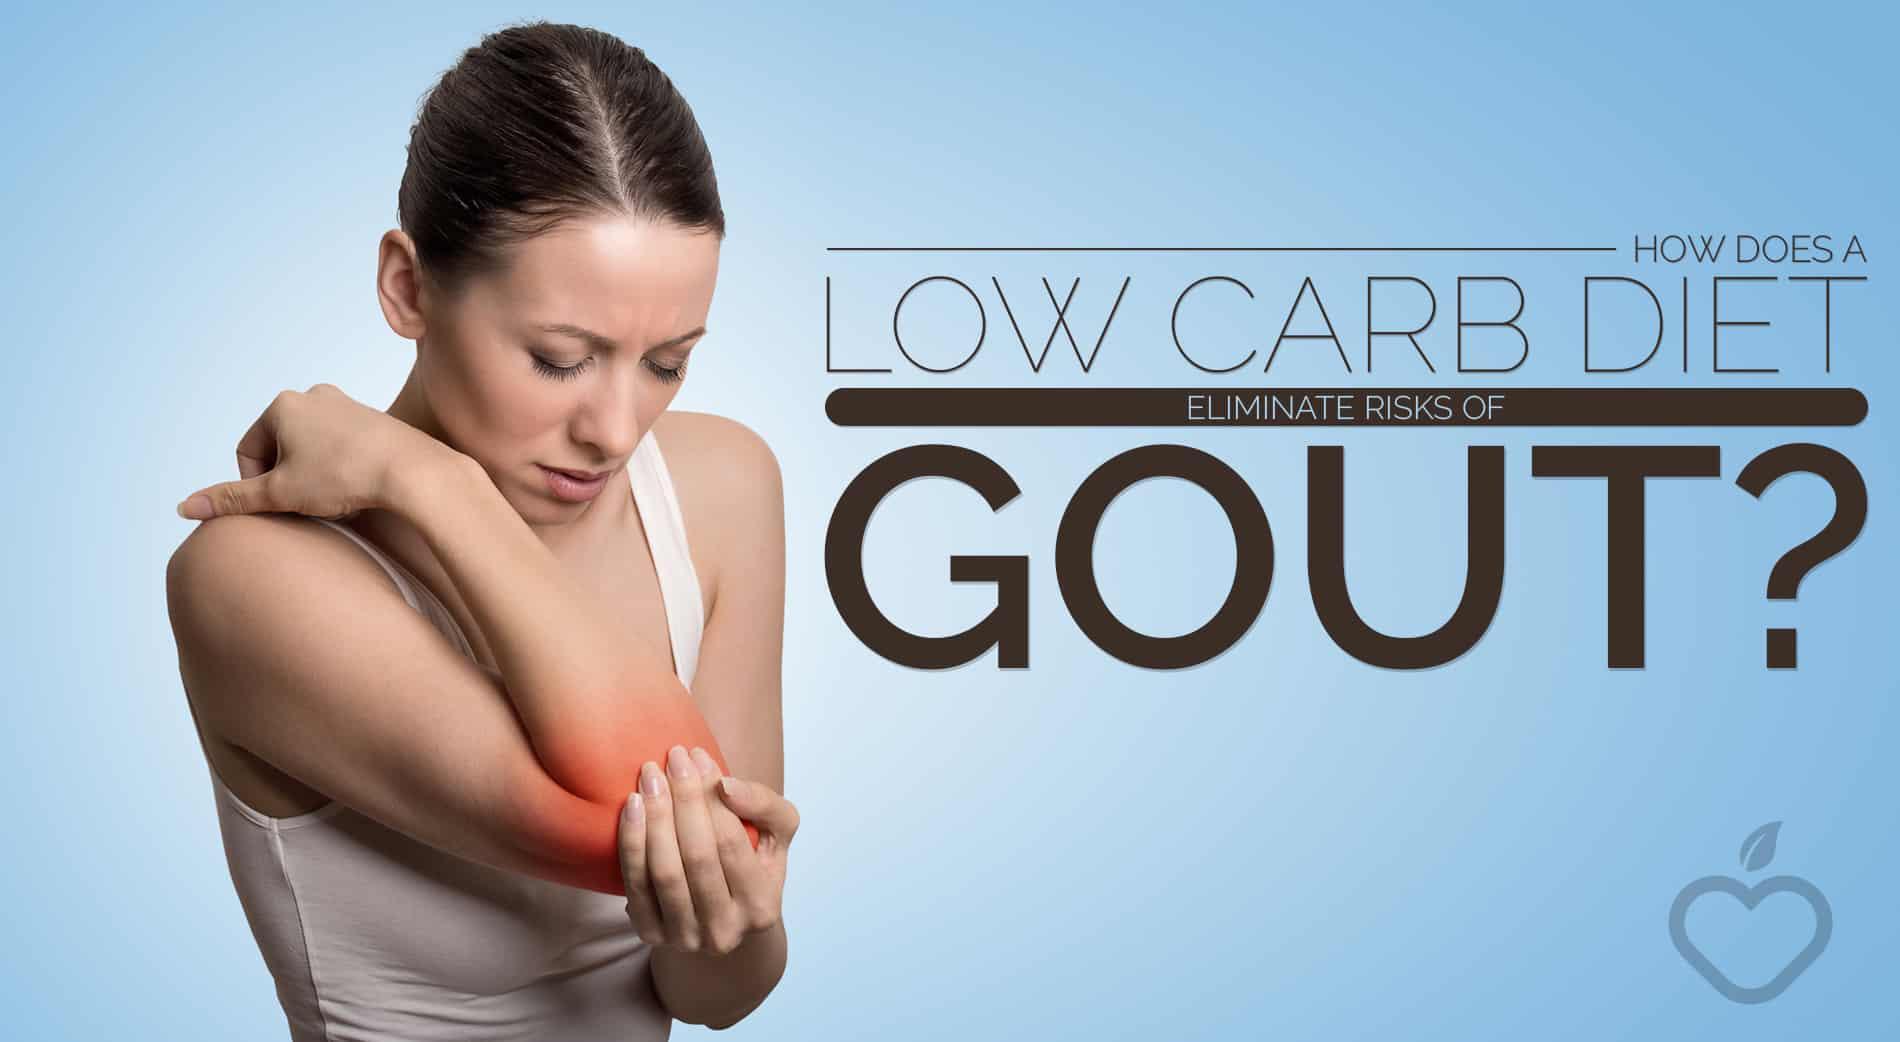 Gout Image Design 1 - How Do a Low-Carb Diet Eliminate Risks of Gout?